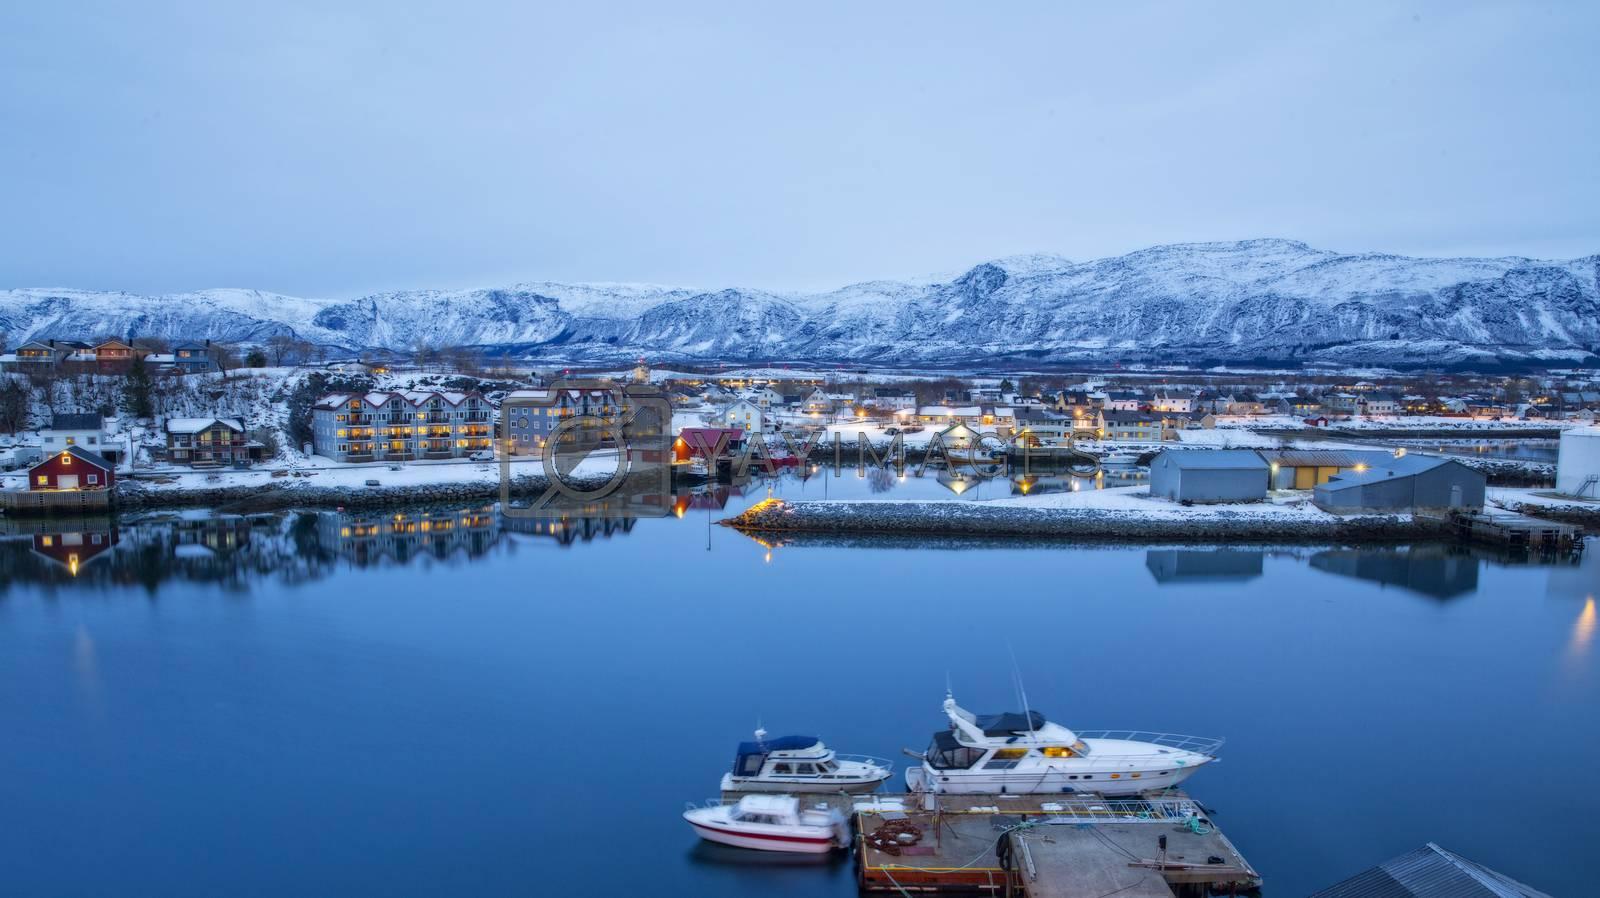 Utsikt fra Brønnøysund brua etter solnedgang